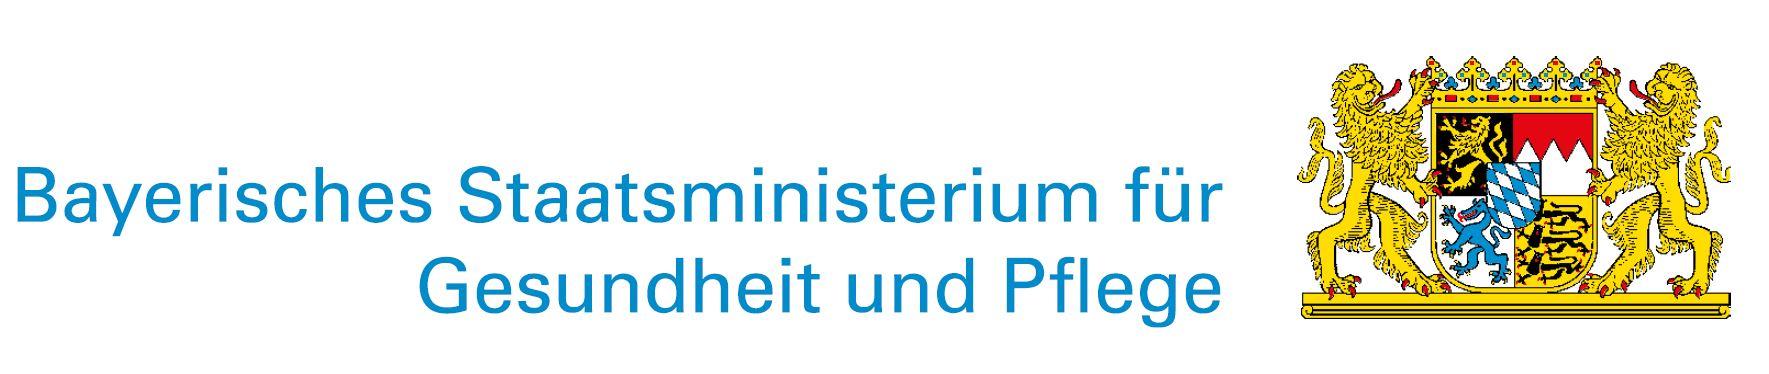 Bayerische Dialogforen für pflegende Angehörige